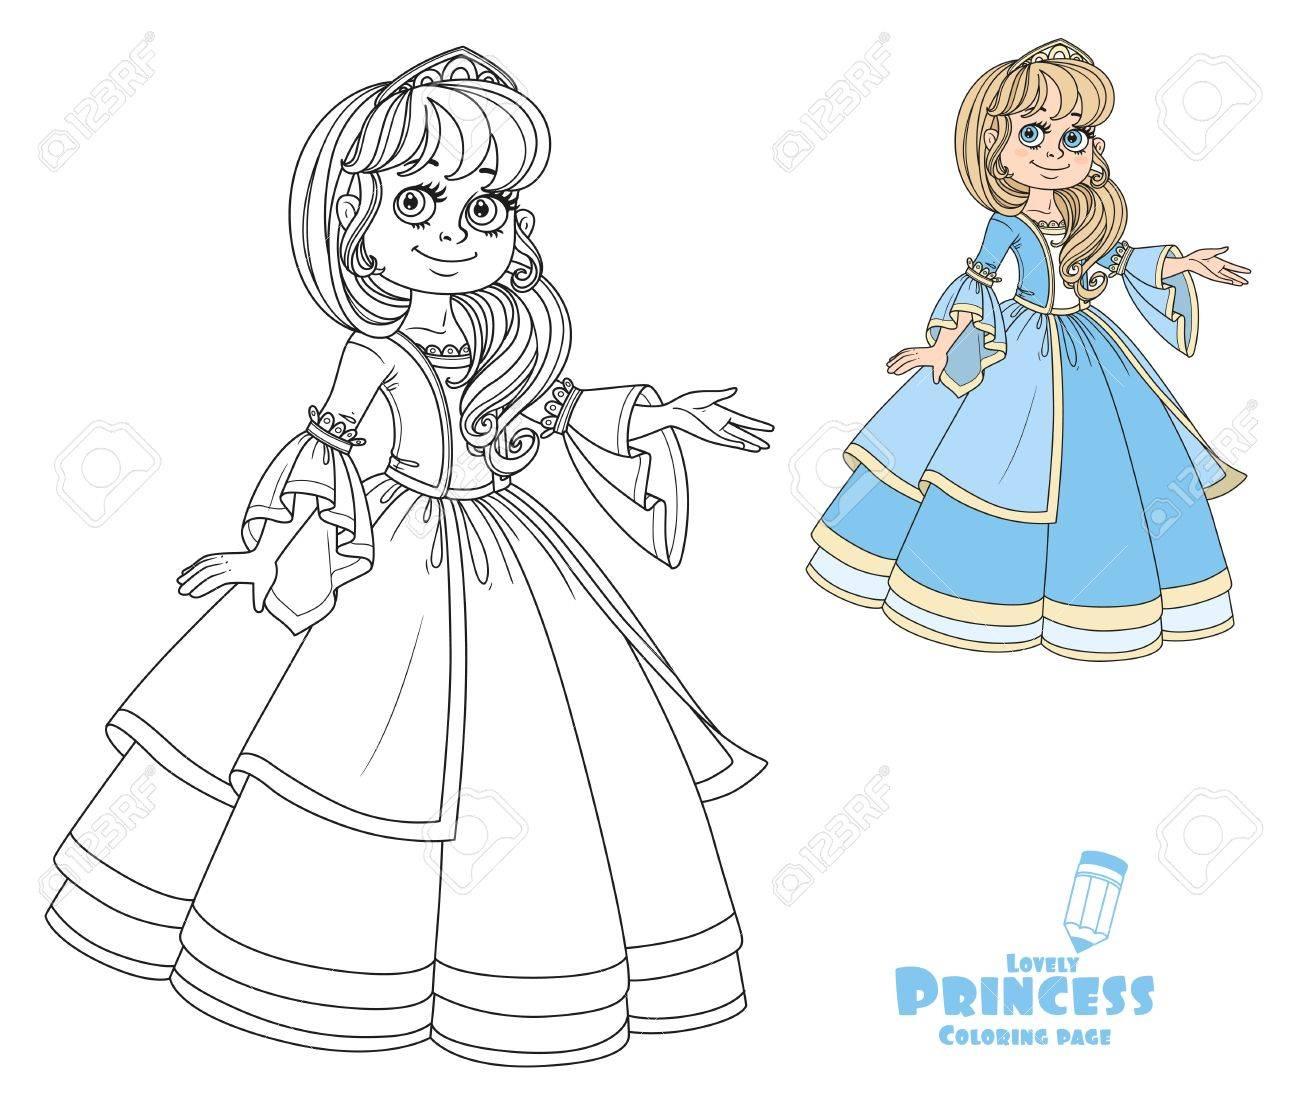 Princesa Linda Adolescente En Vestido Exuberante Y Tiara Muestra